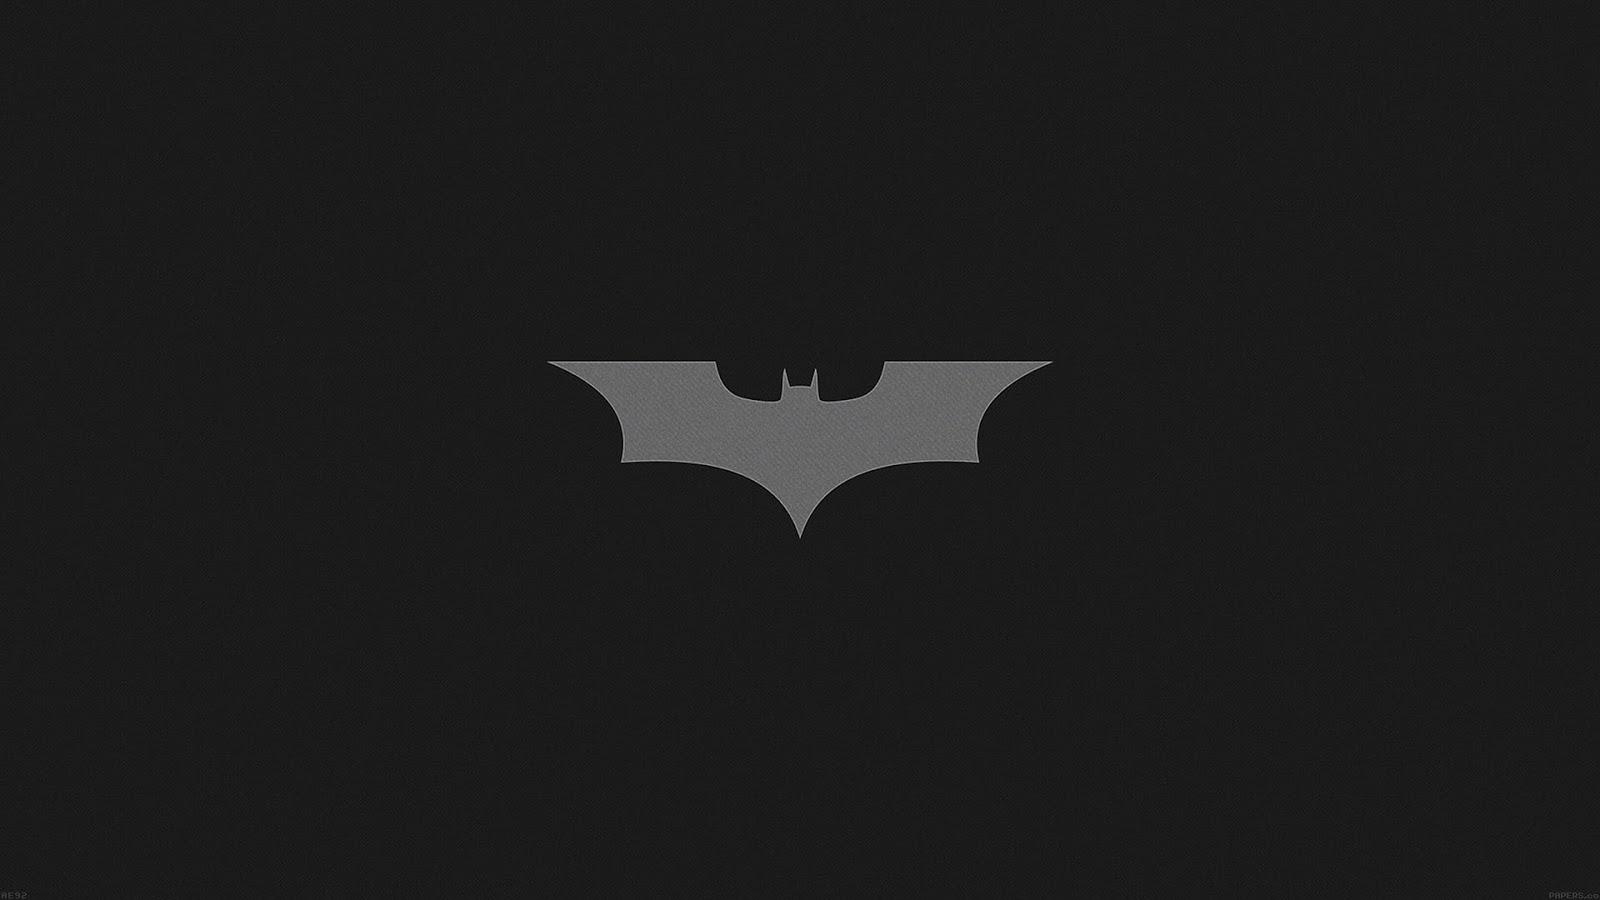 Car Wallpaper Windows 7 Fond D 233 Cran Batman Hd Gratuit Fond D 233 Cran Hd